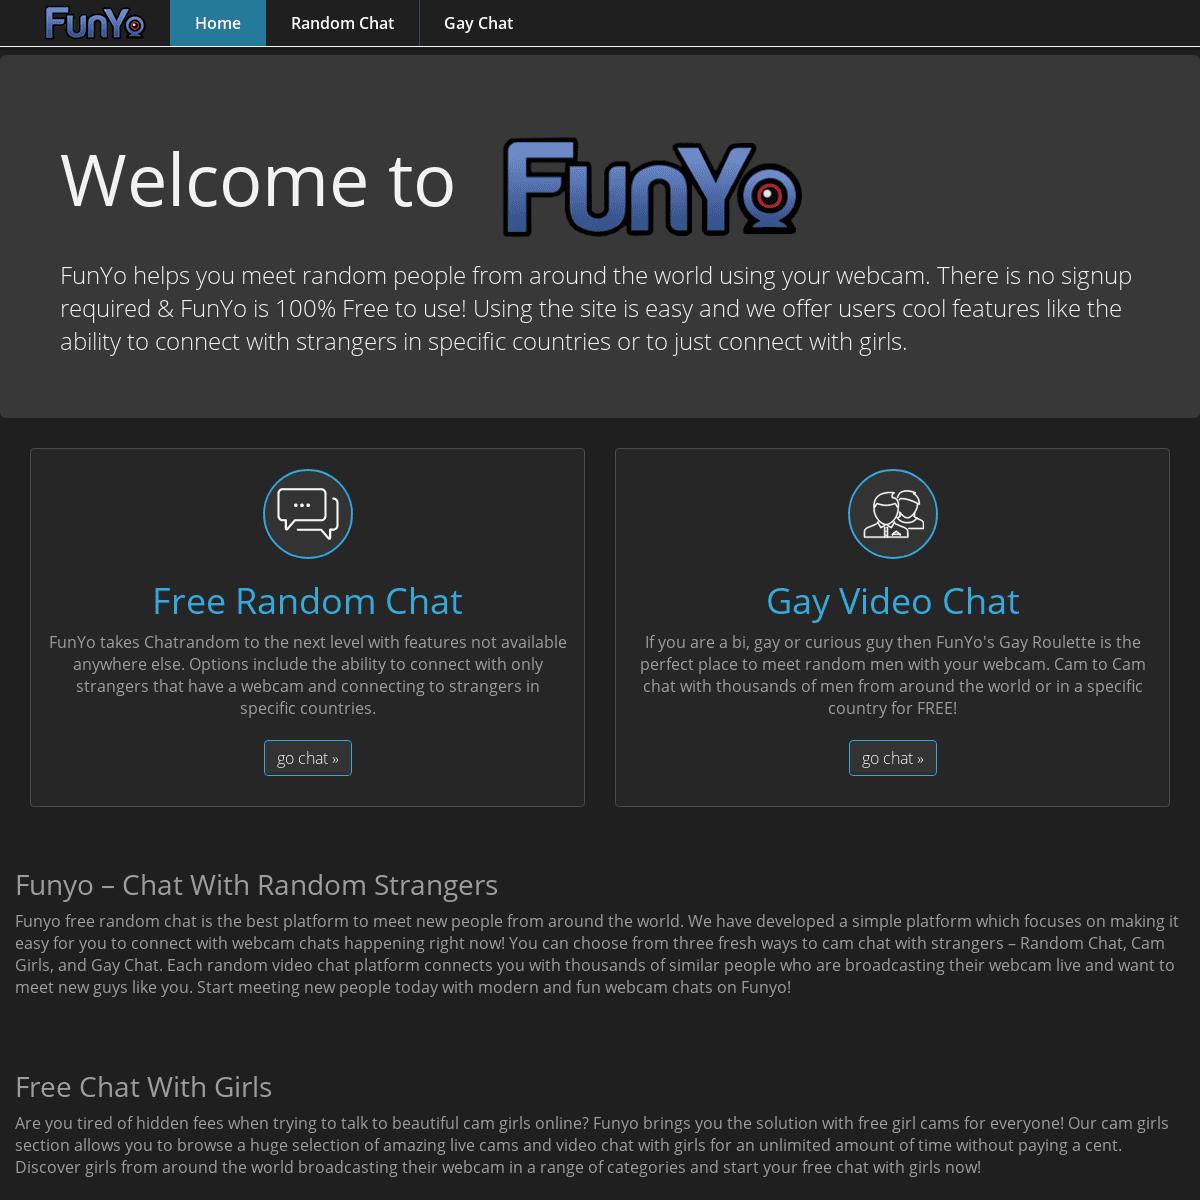 Free Random Video Chat - FunYo